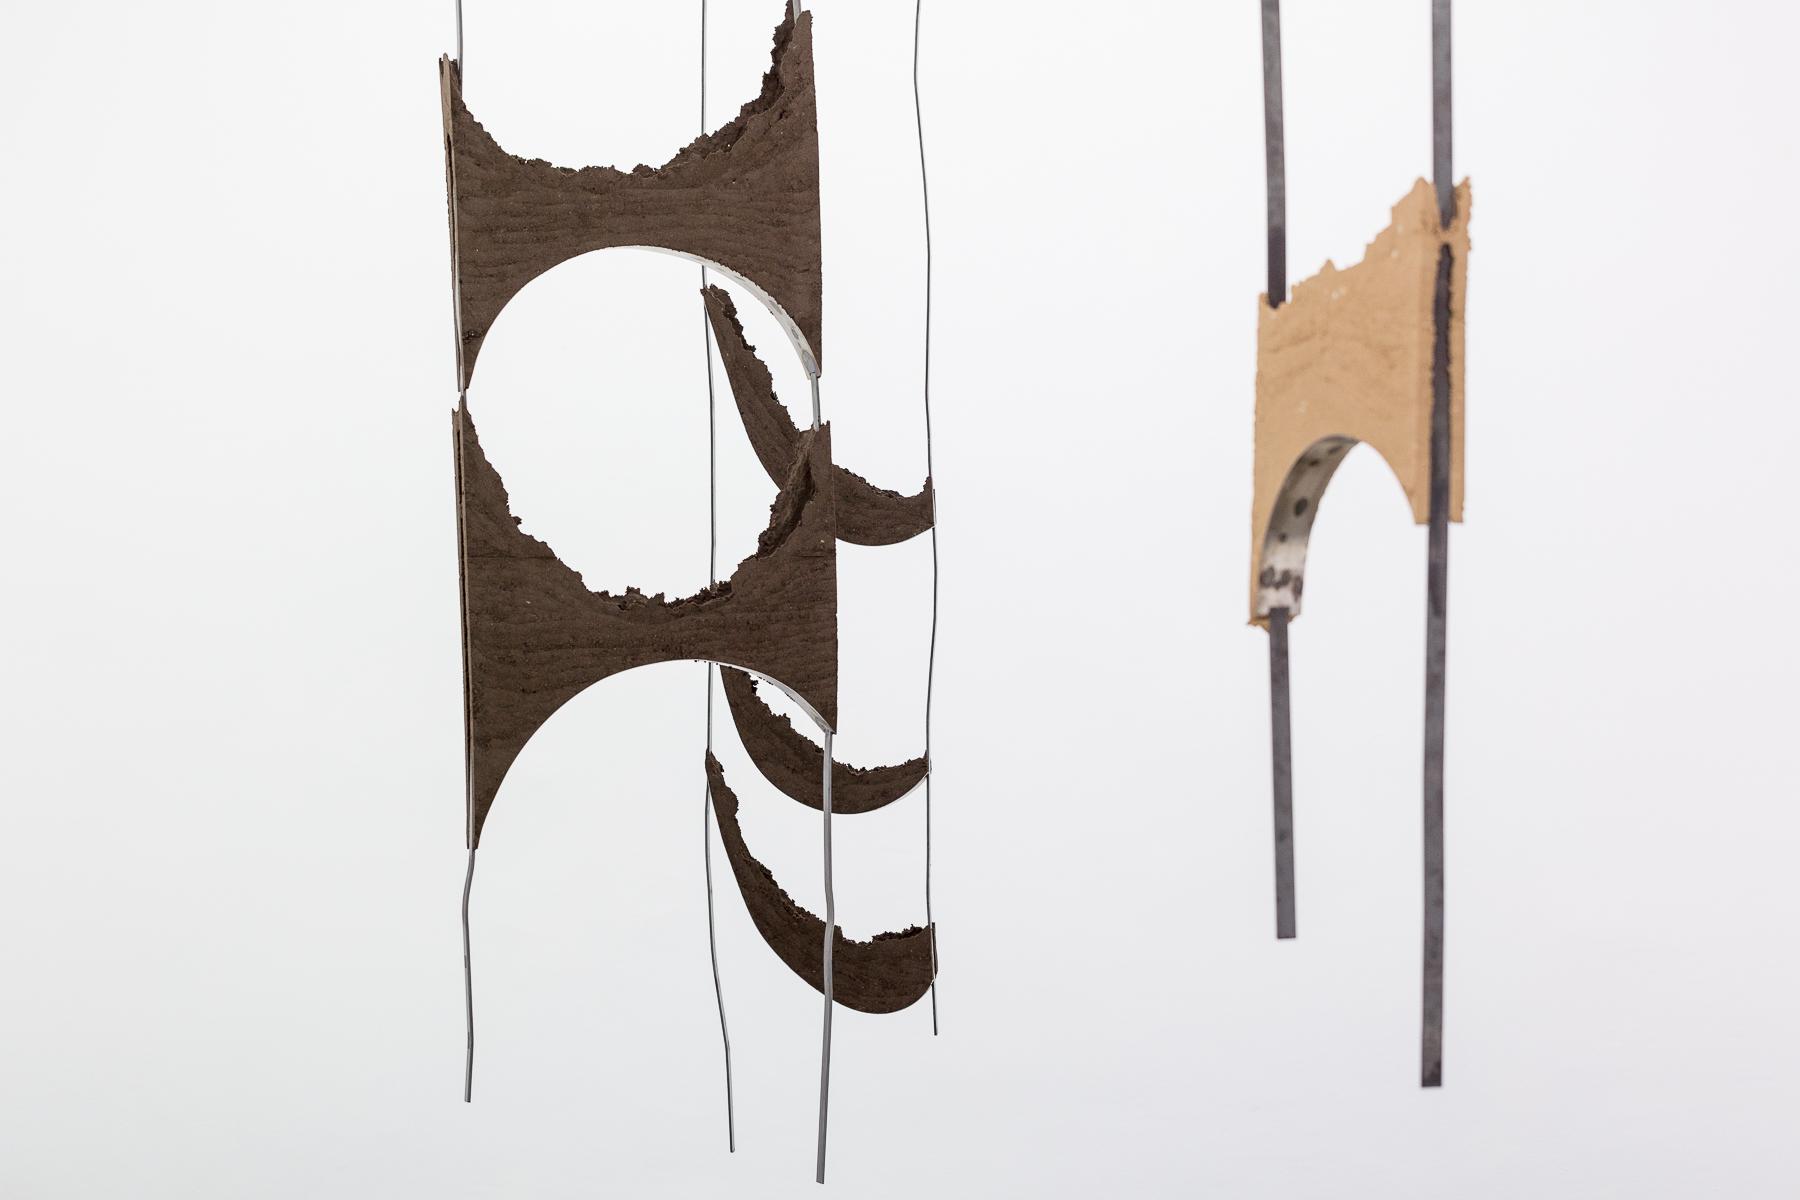 Angelika Loderer at Sophie Tappeiner Gallery_by Kunst-Dokumentation.com_029_web.jpg